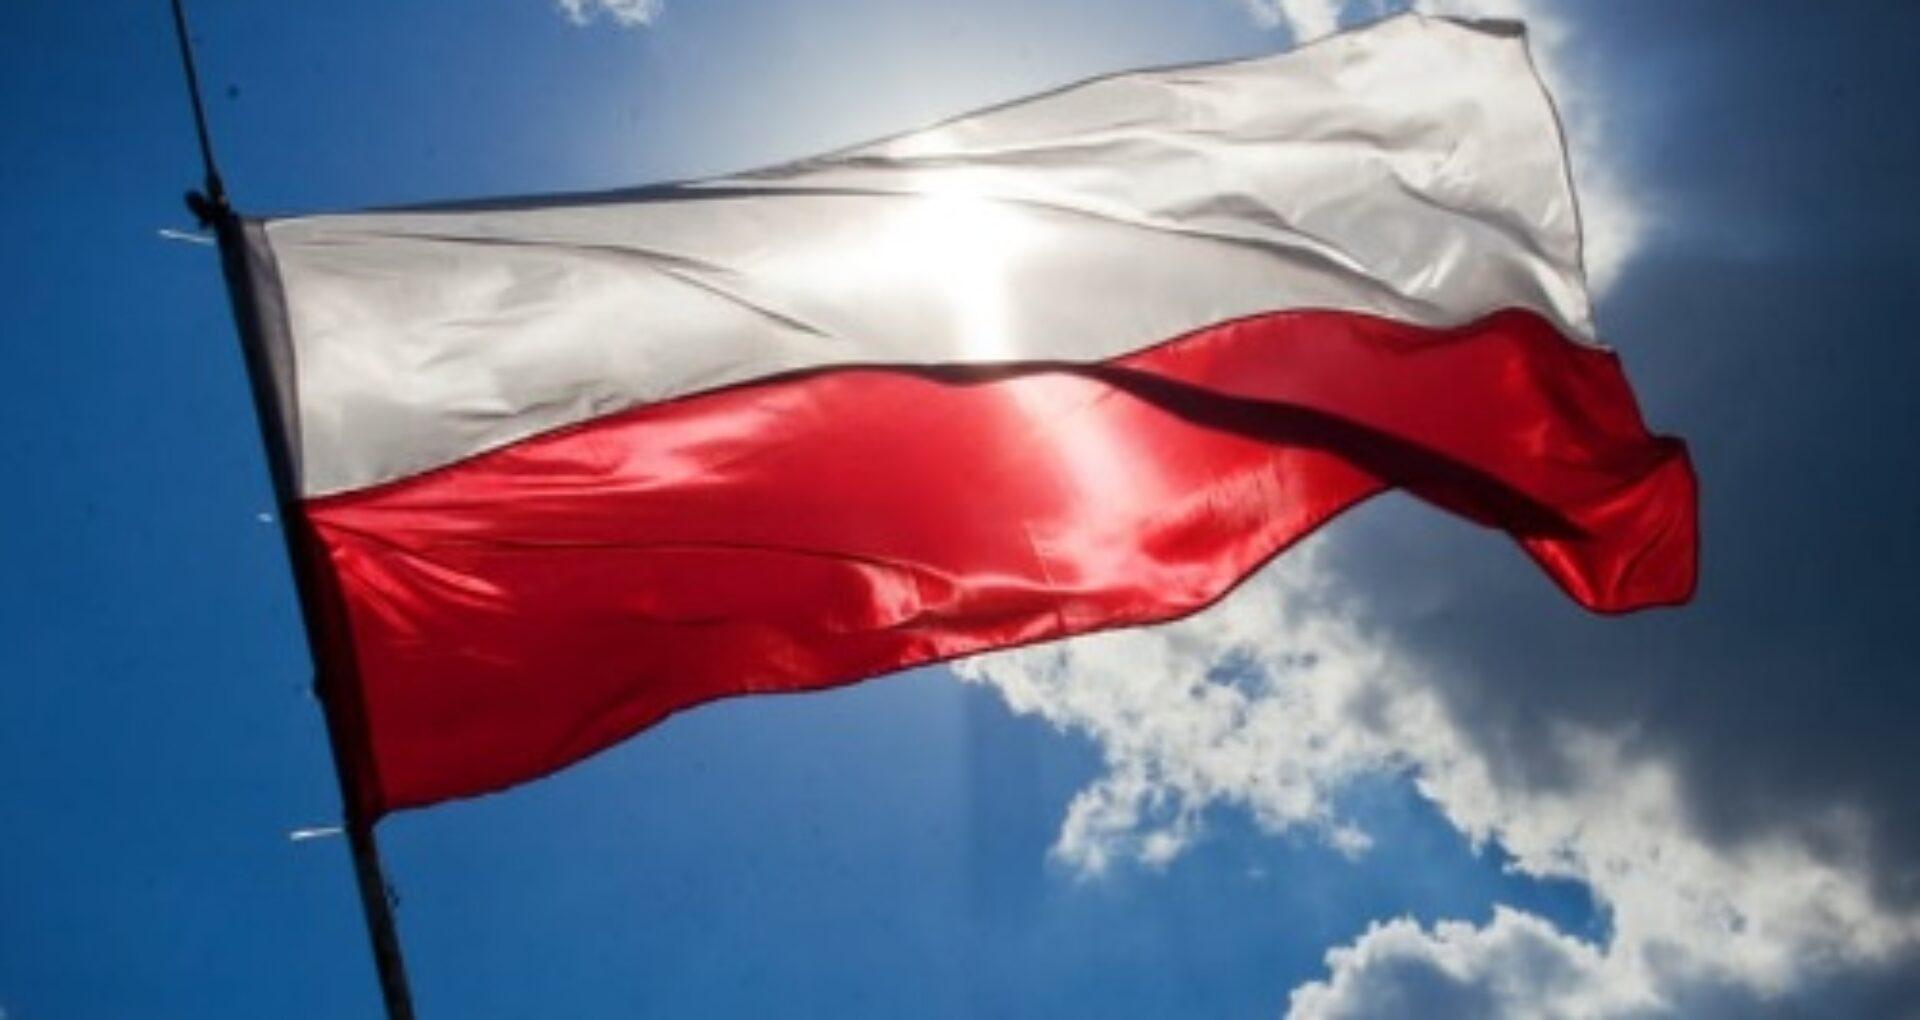 Polonia reintroduce restricții dure la nivel național din cauza creșterii alarmante a cazurilor de COVID-19